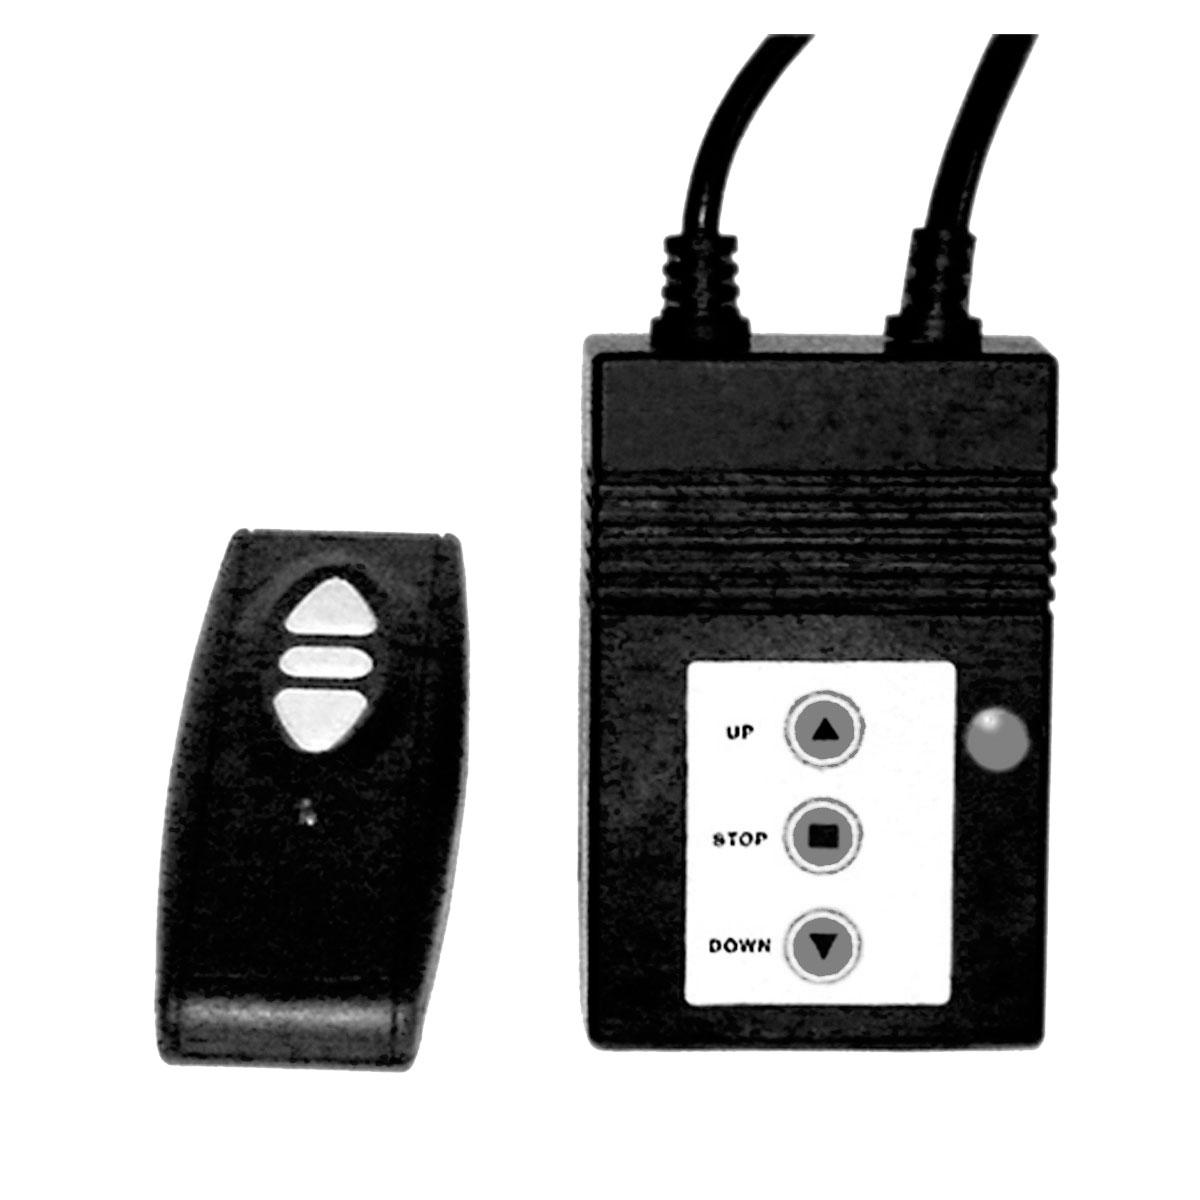 Tela de Projeção 70 Polegadas Elétrica c/ Controle Remoto - CSR